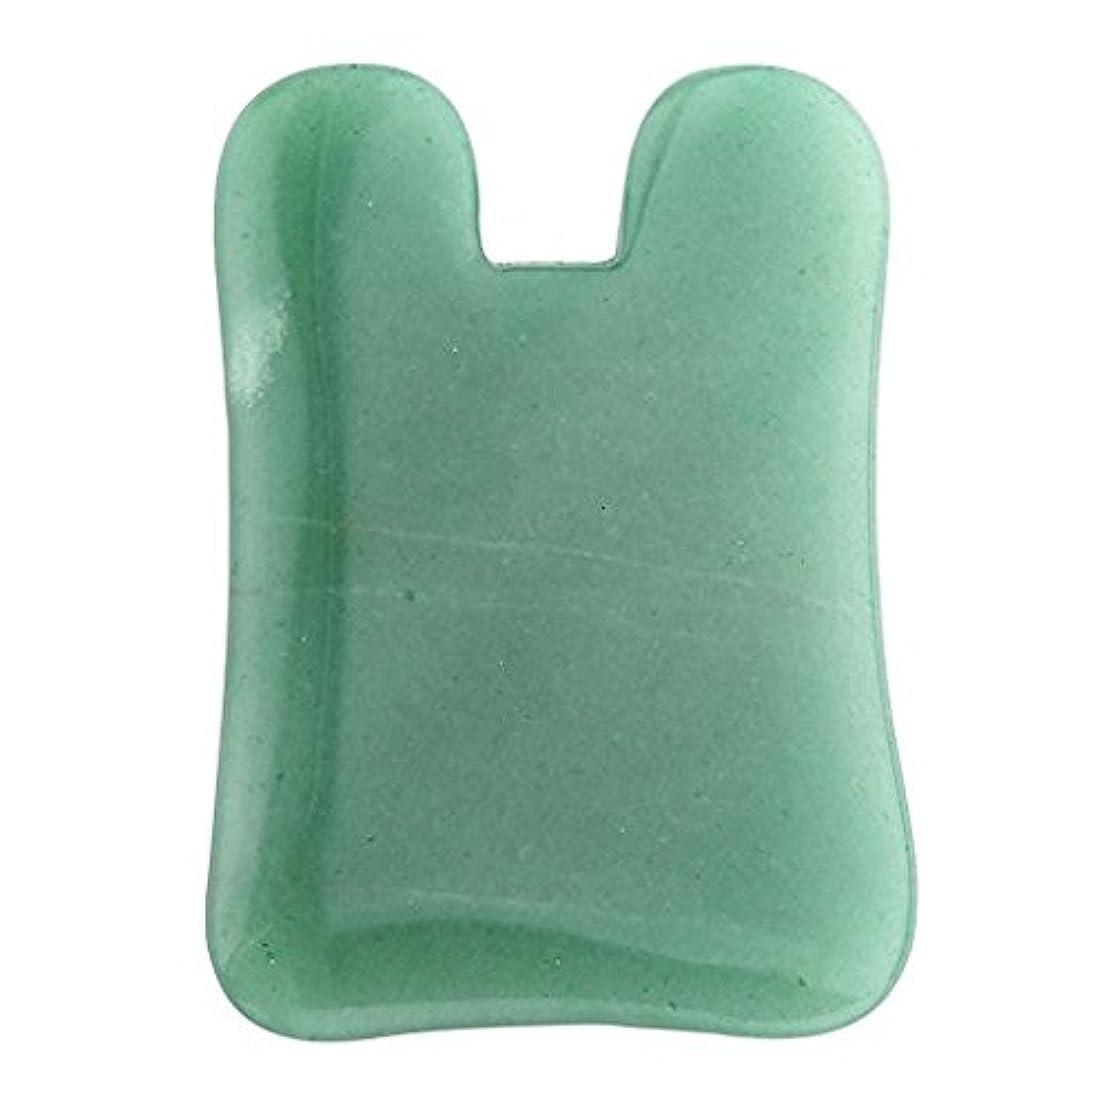 知り合いになるマージンマキシム1pc Face/Body Massage Jade Adventurine Natual stone Gua Sha acupress toolジェイドかっさプレート 翡翠かっさ,顔?ボディのリンパマッサージ (U shape)